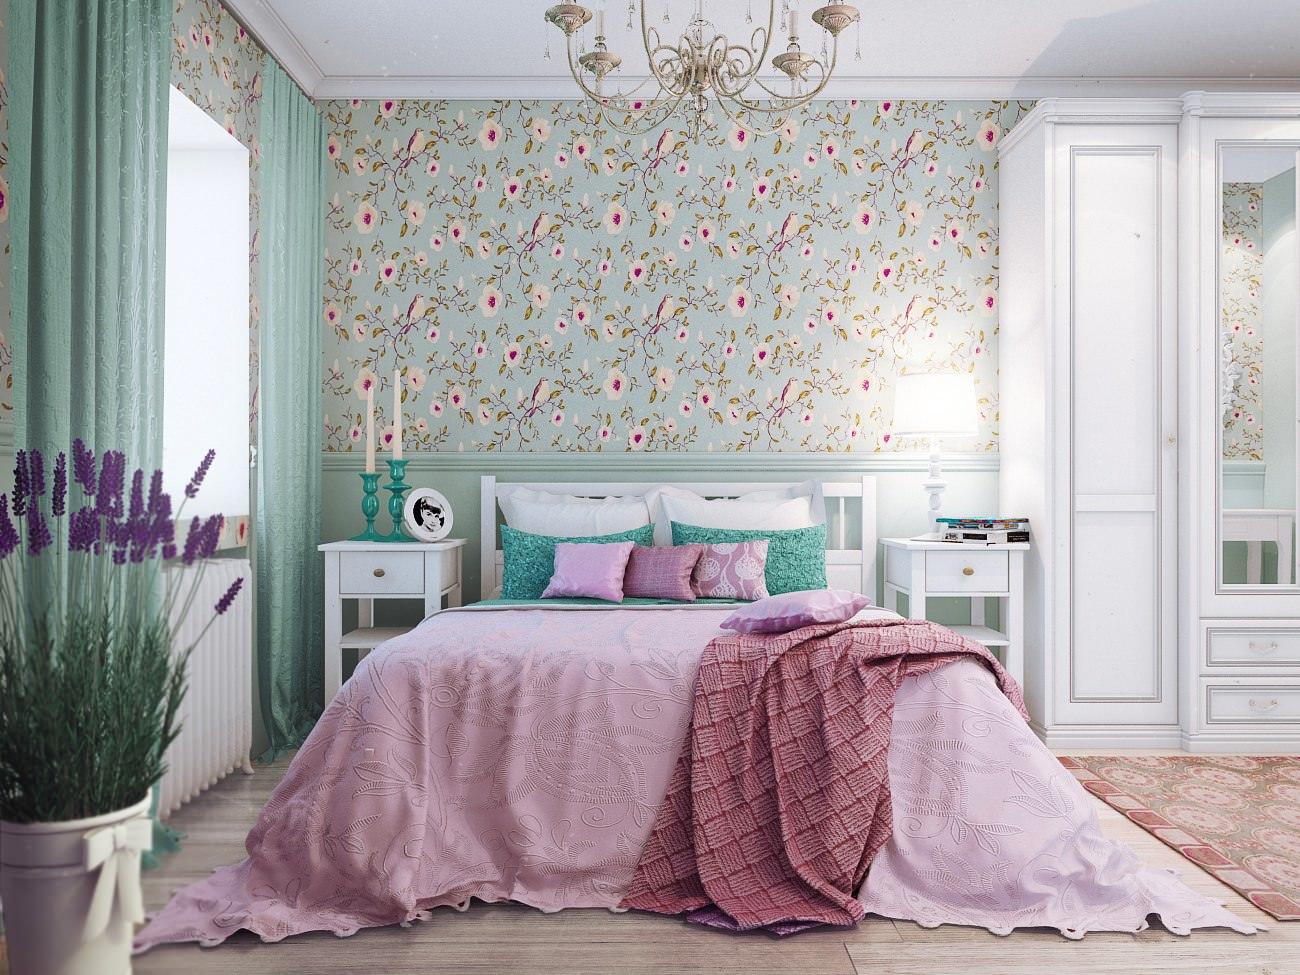 Кровать в стиле кантри в спальне